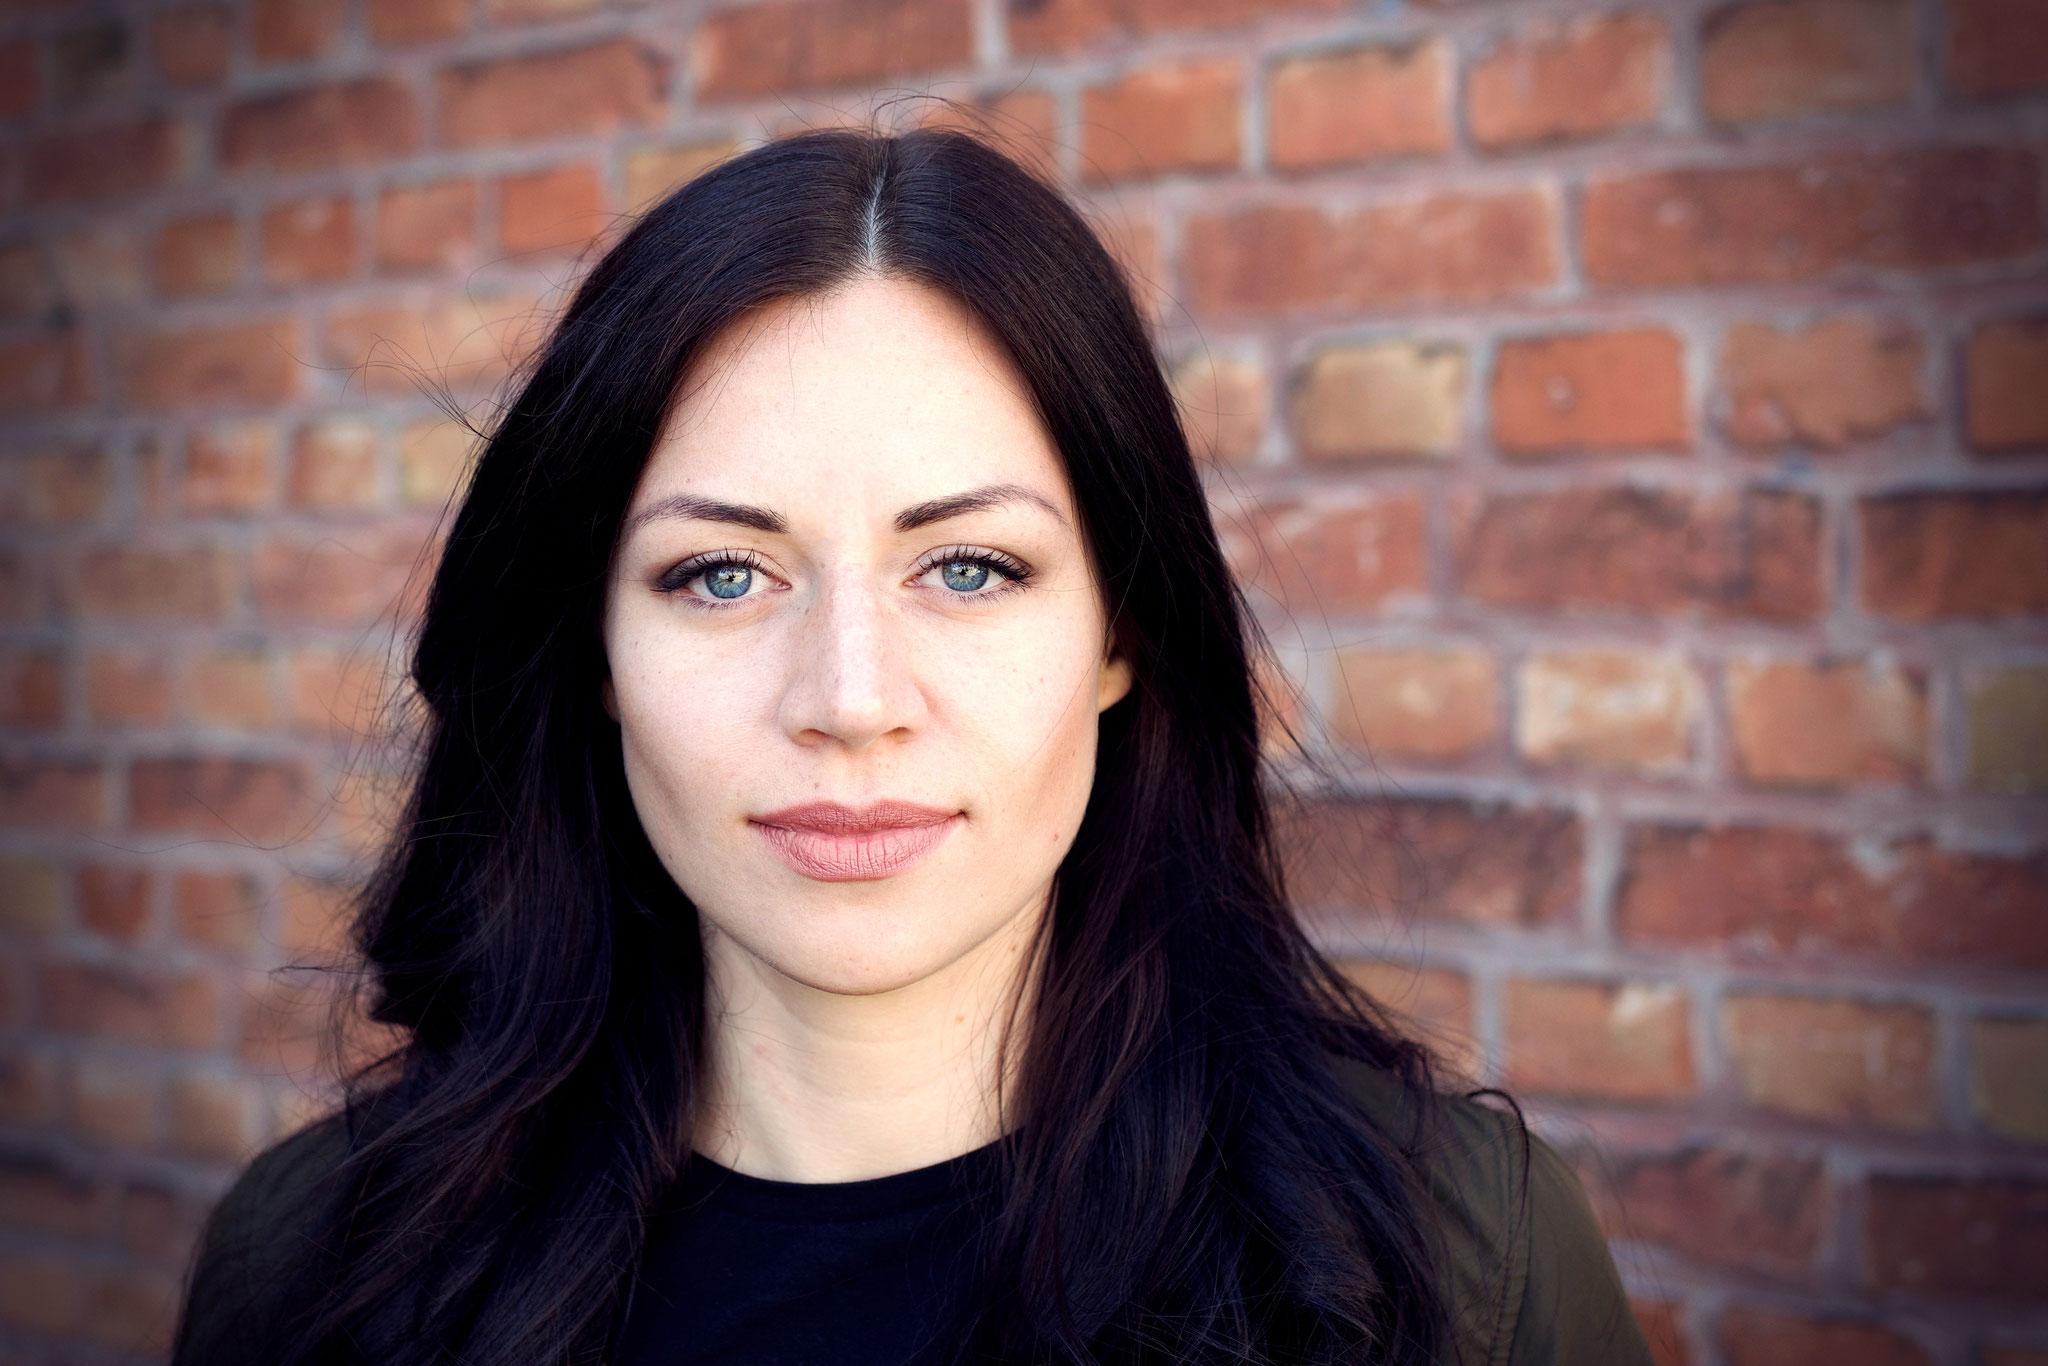 Sinah Donhauser: Journalistin, Moderatorin. Bei AdN: Redakteurin, Online-Redaktion. Stärke: ist die, die immer lacht; Makel: immer zu spät